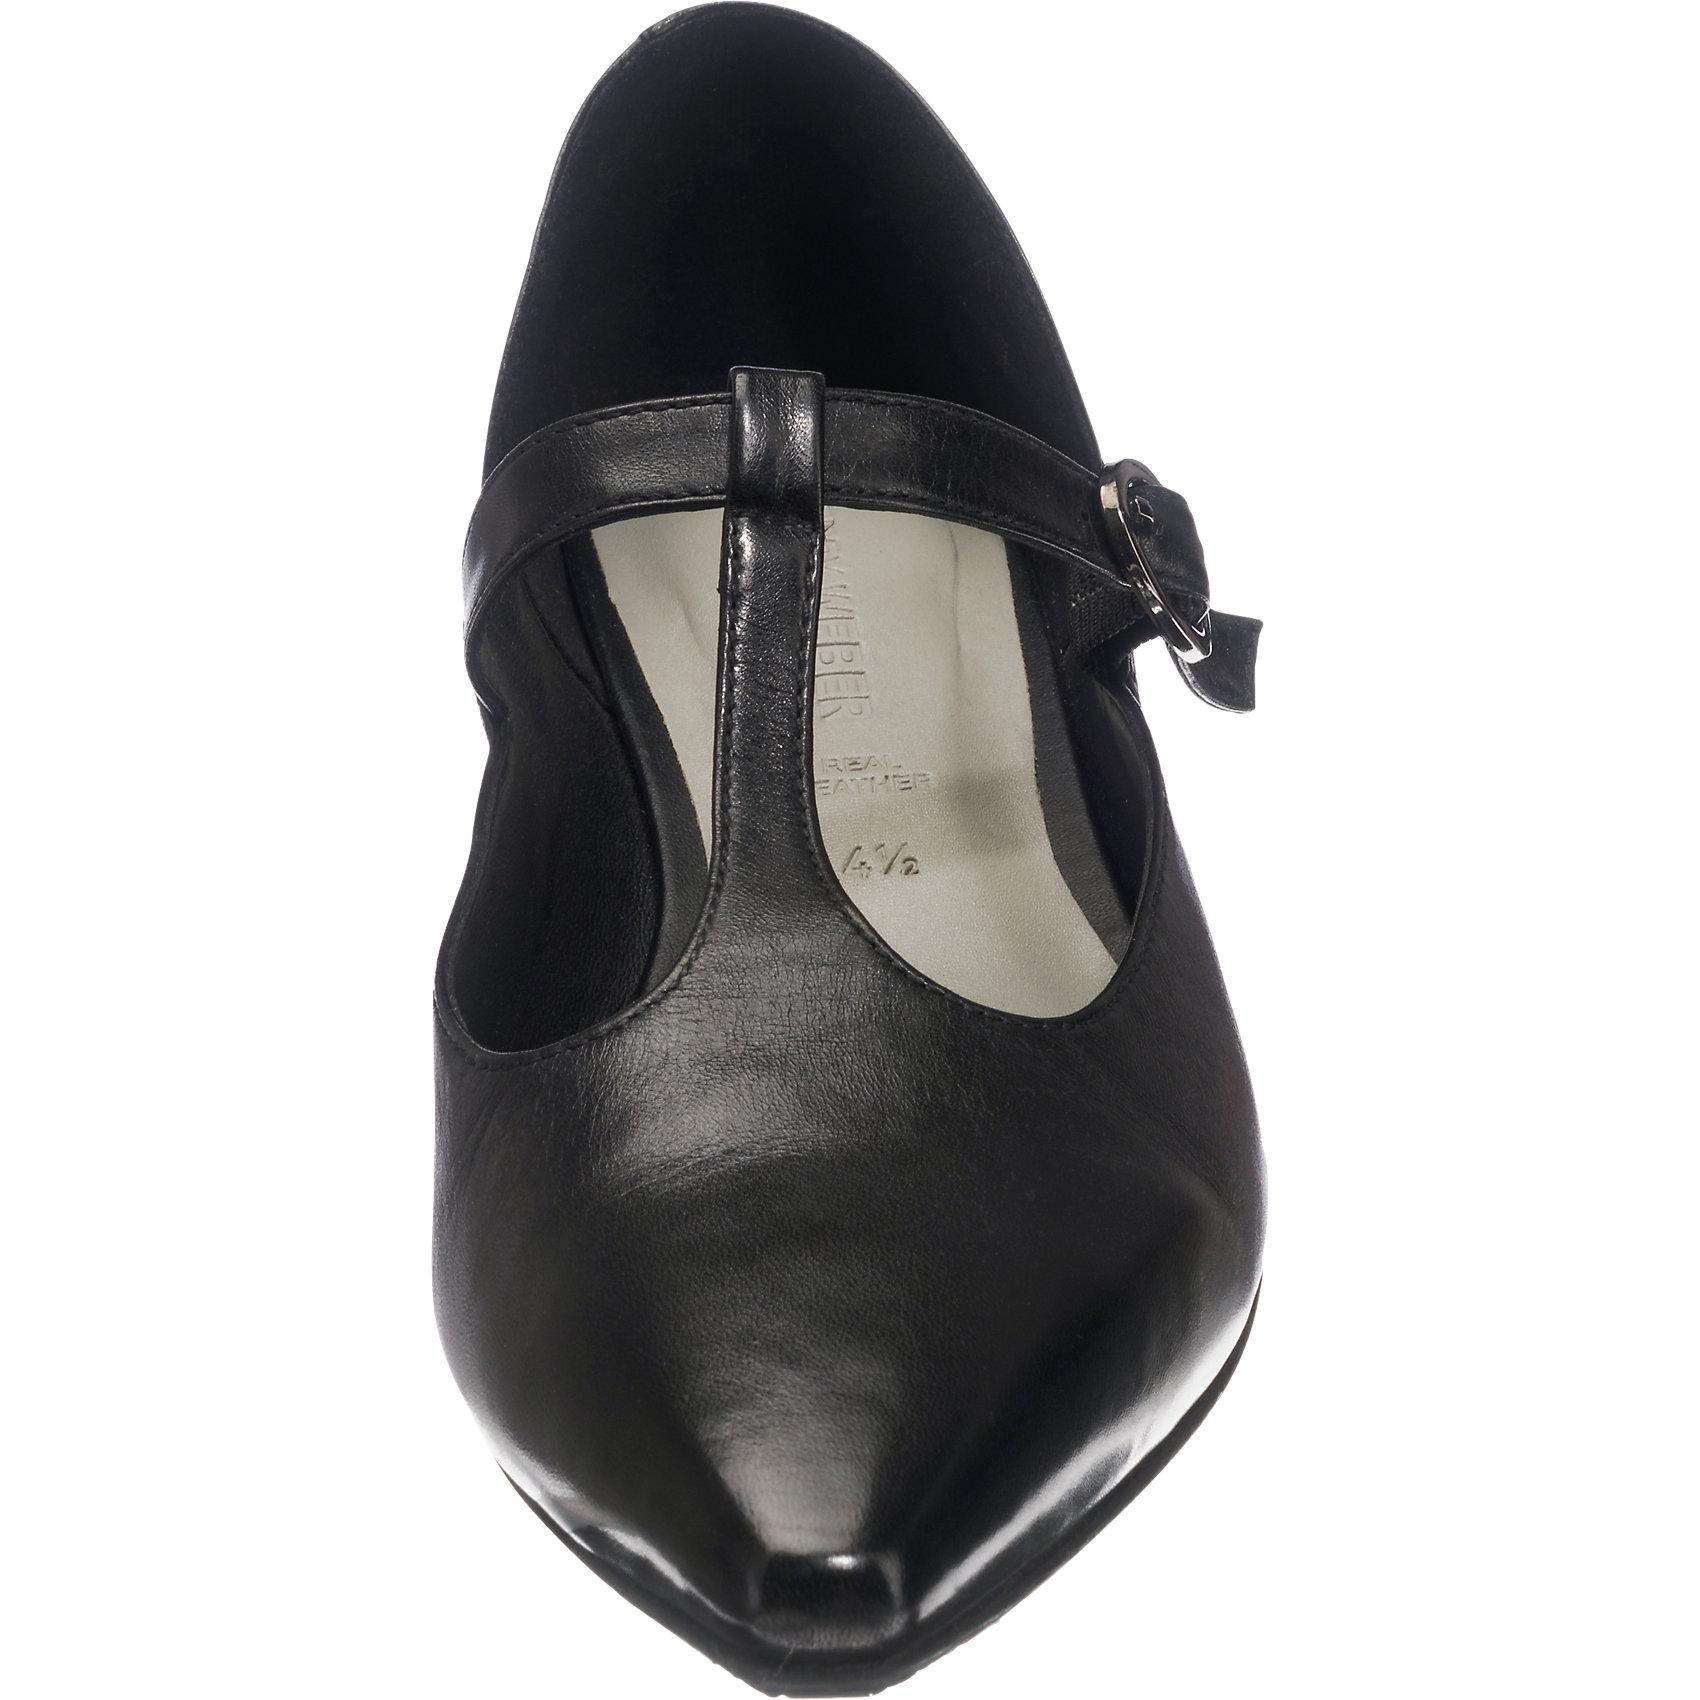 Neu Neu Neu Gerry Weber Nora Ballerinas schwarz 5766115   78336d